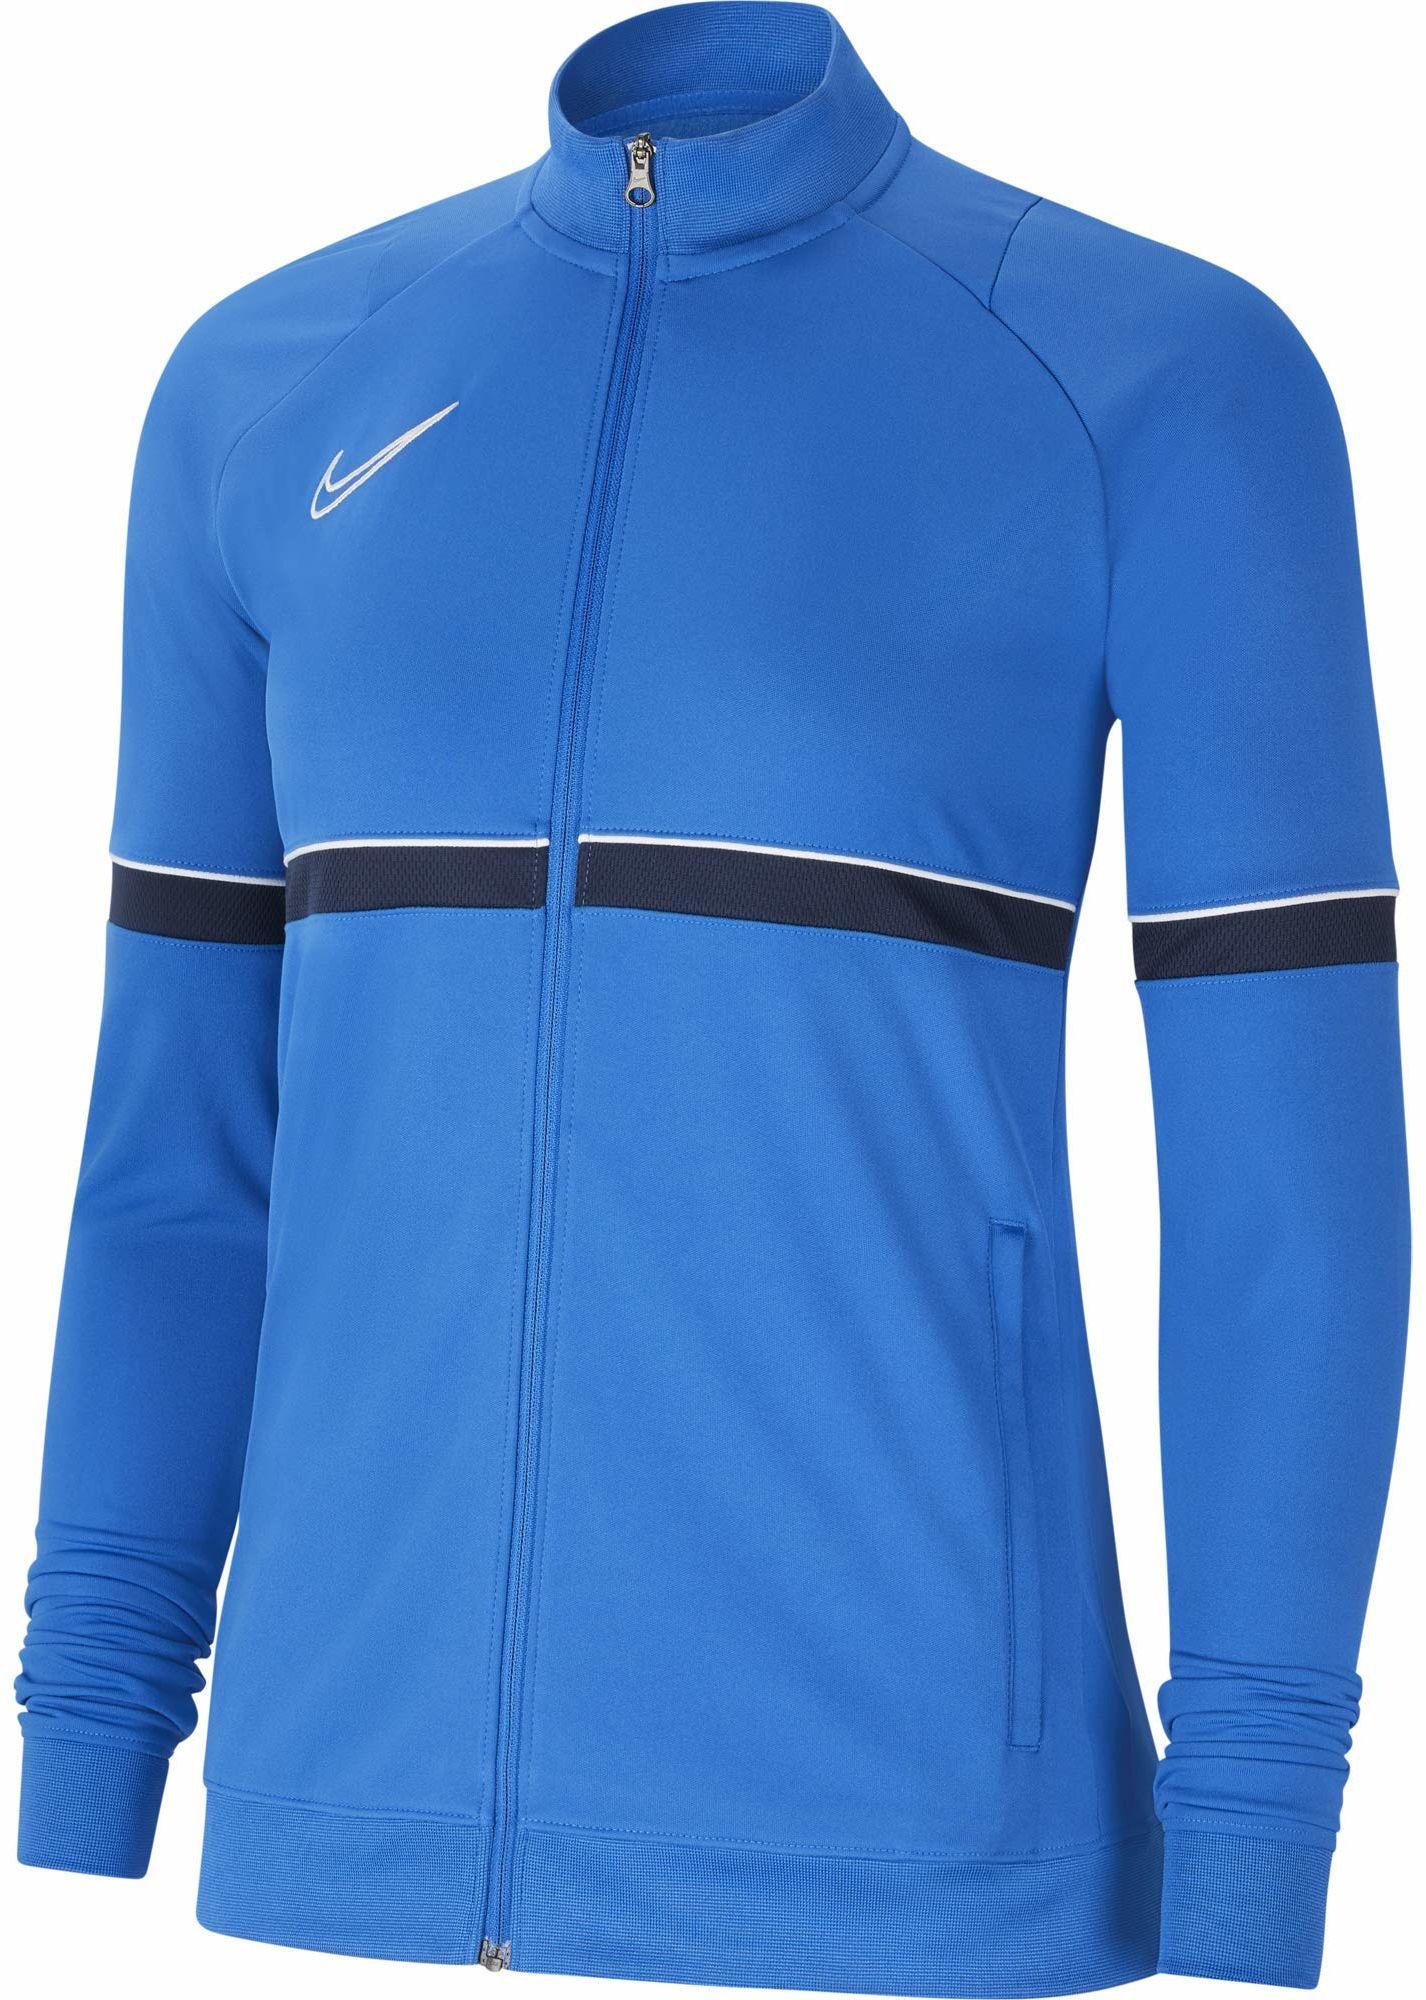 Nike Damska kurtka damska Academy 21 Track Jacket Królewski niebieski/biały/obsydian/biały XL